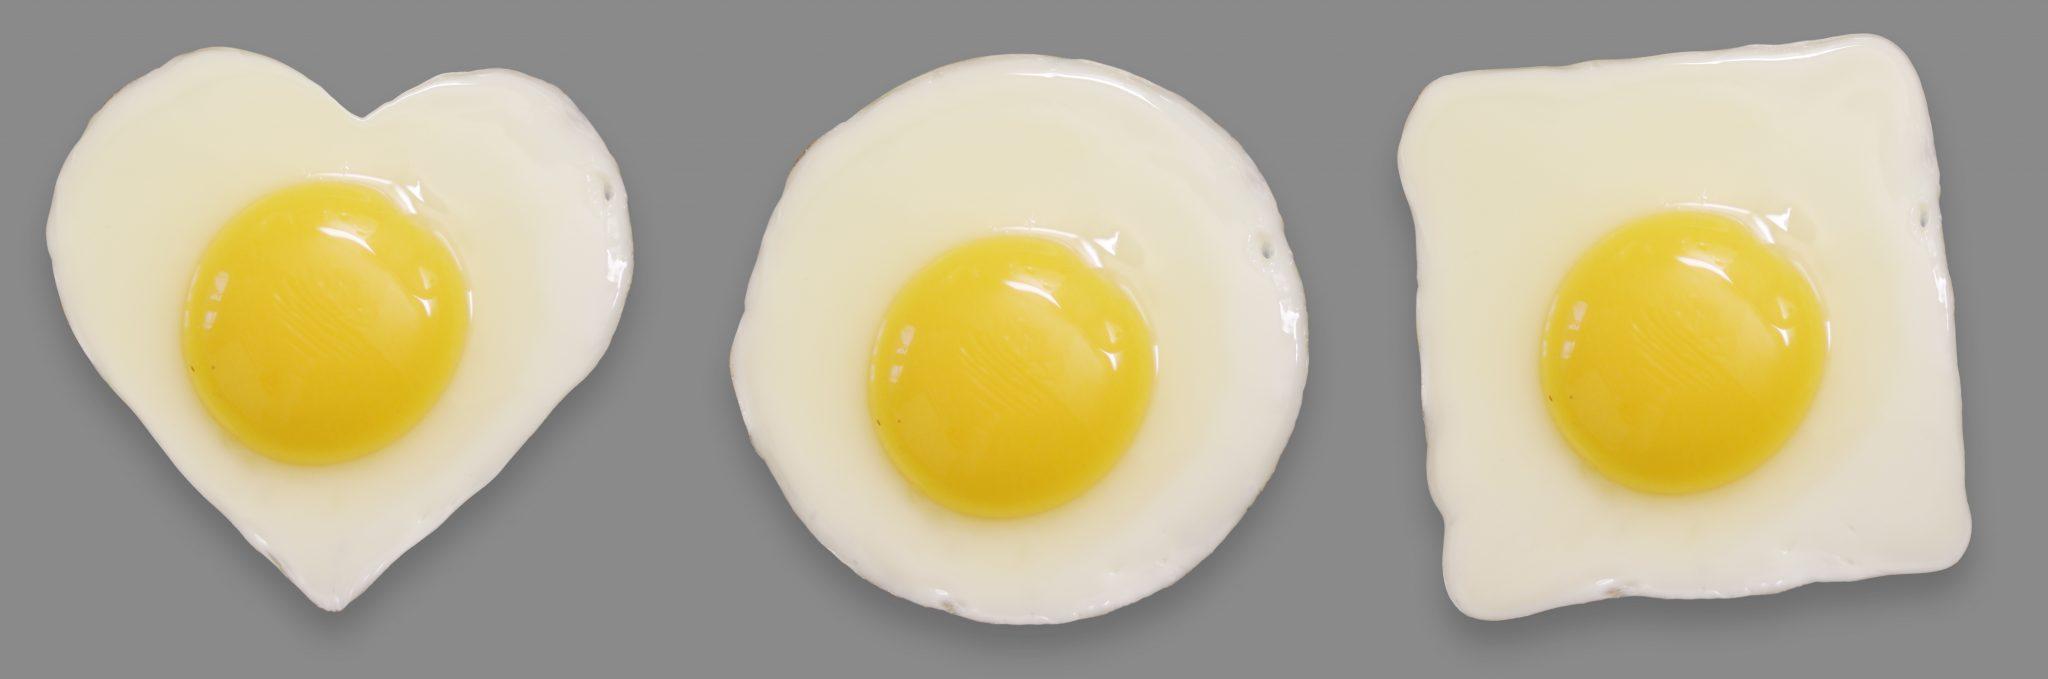 3-healthy-Eggs